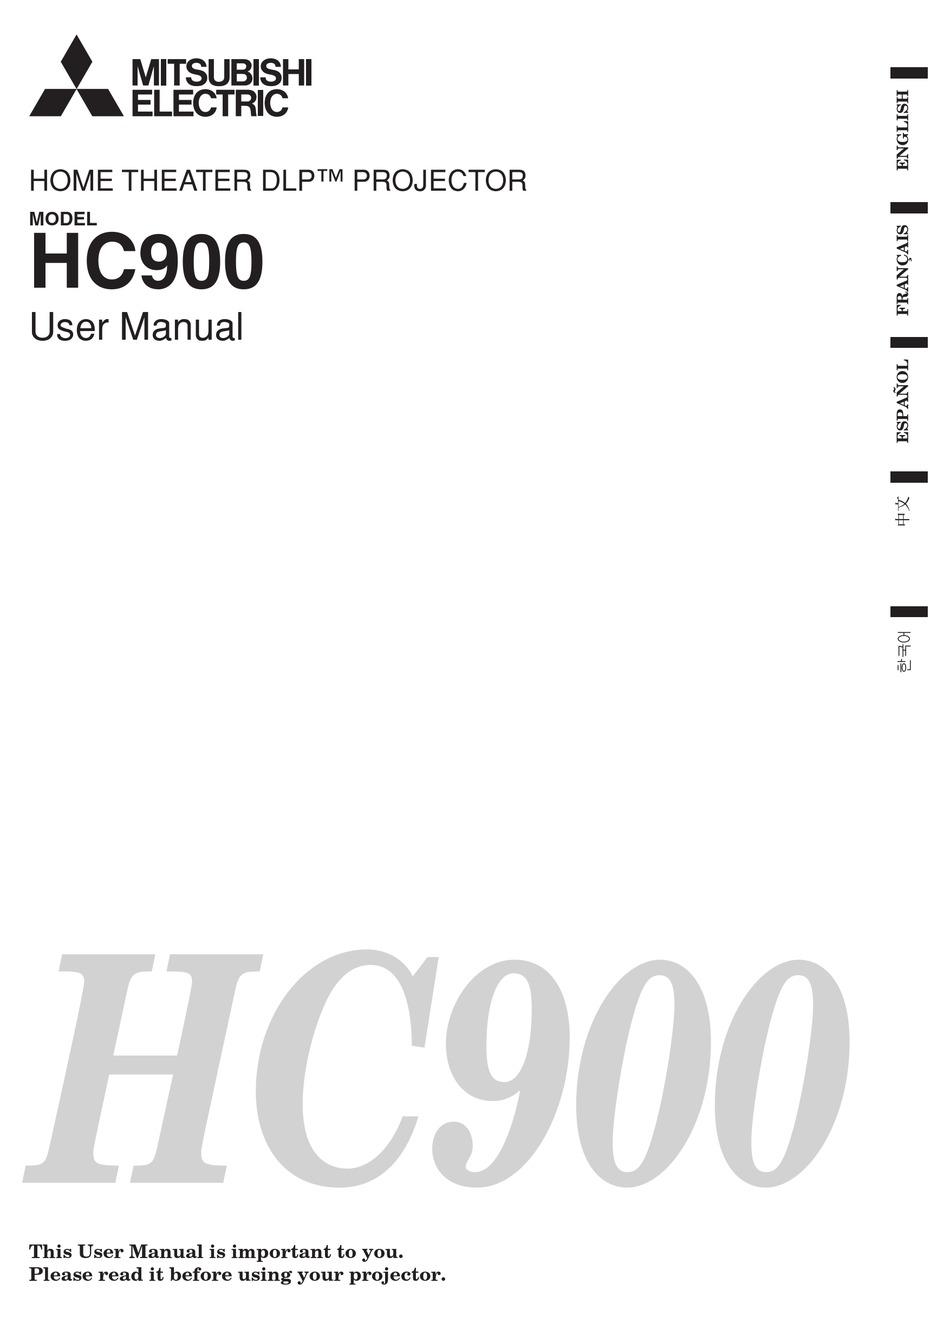 MITSUBISHI ELECTRIC HC900 USER MANUAL Pdf Download